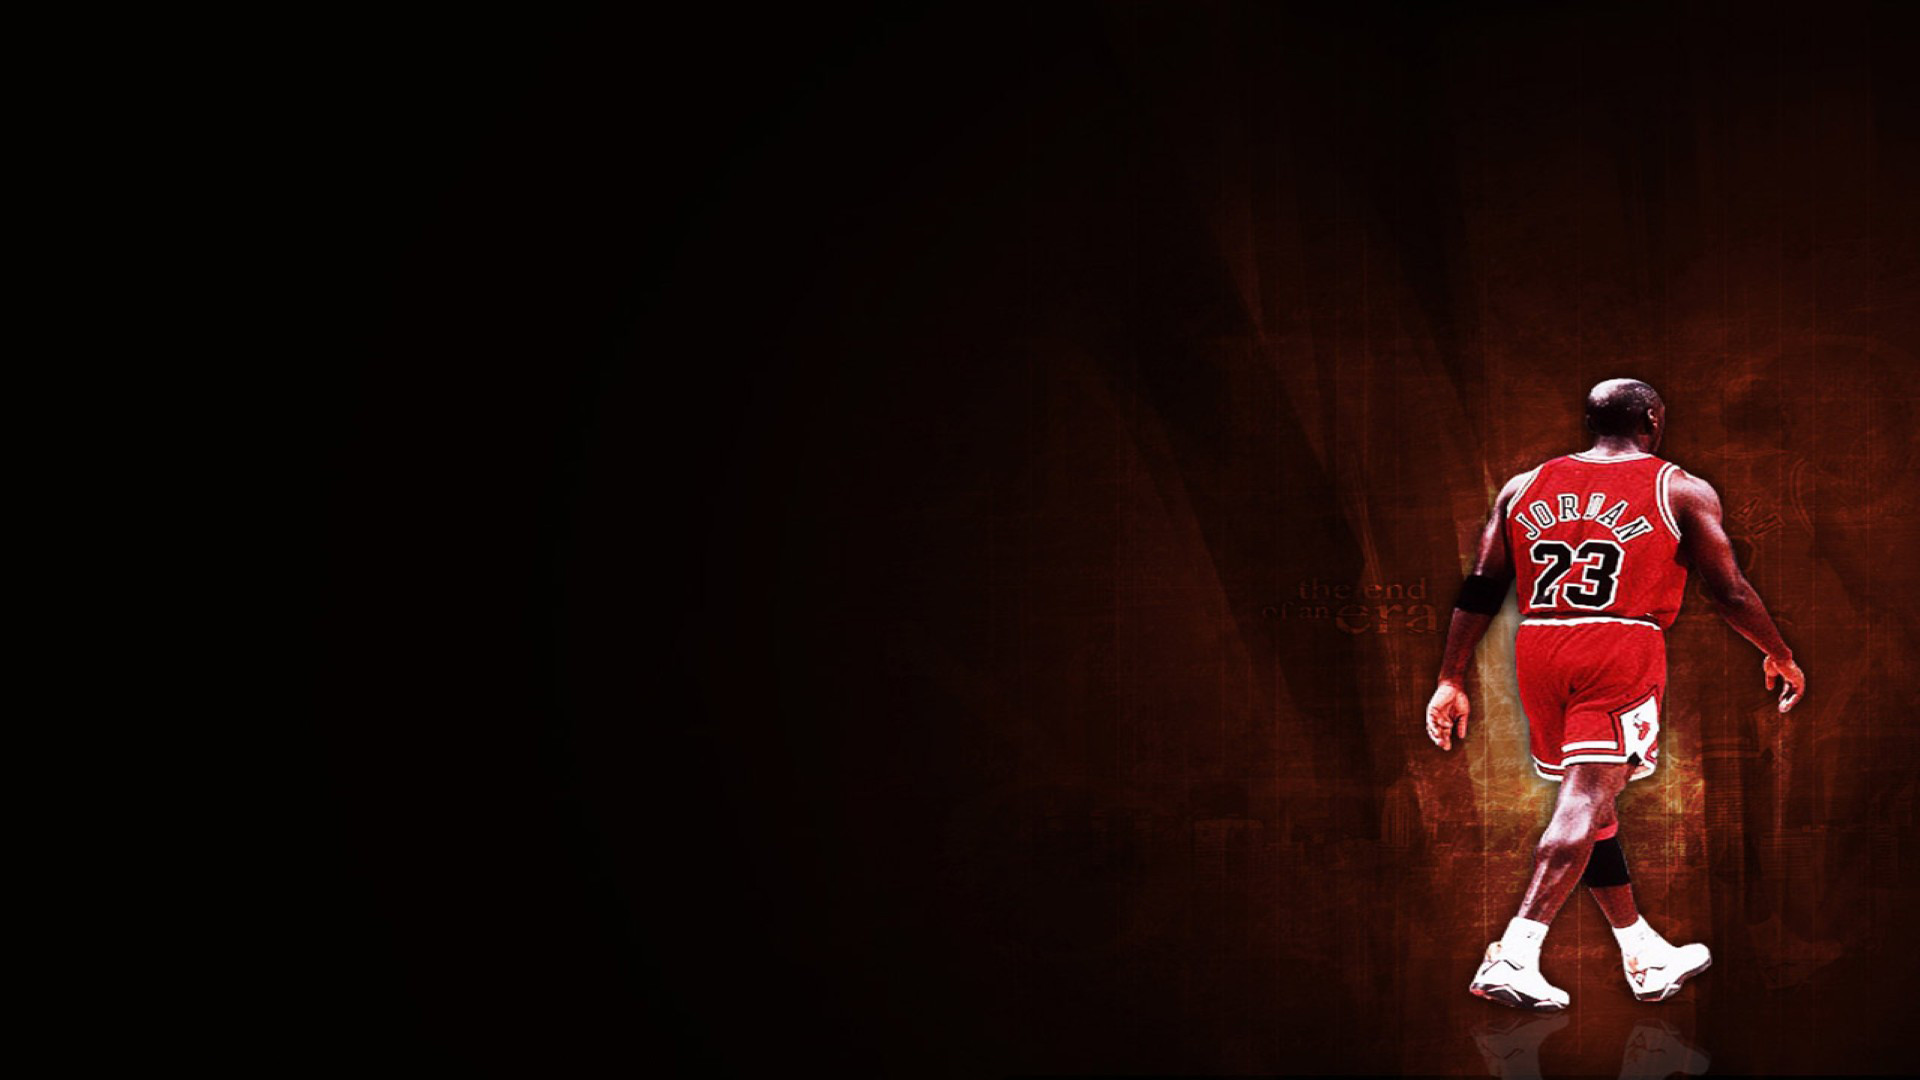 HD Michael Jordan Wallpaper (76+ Images